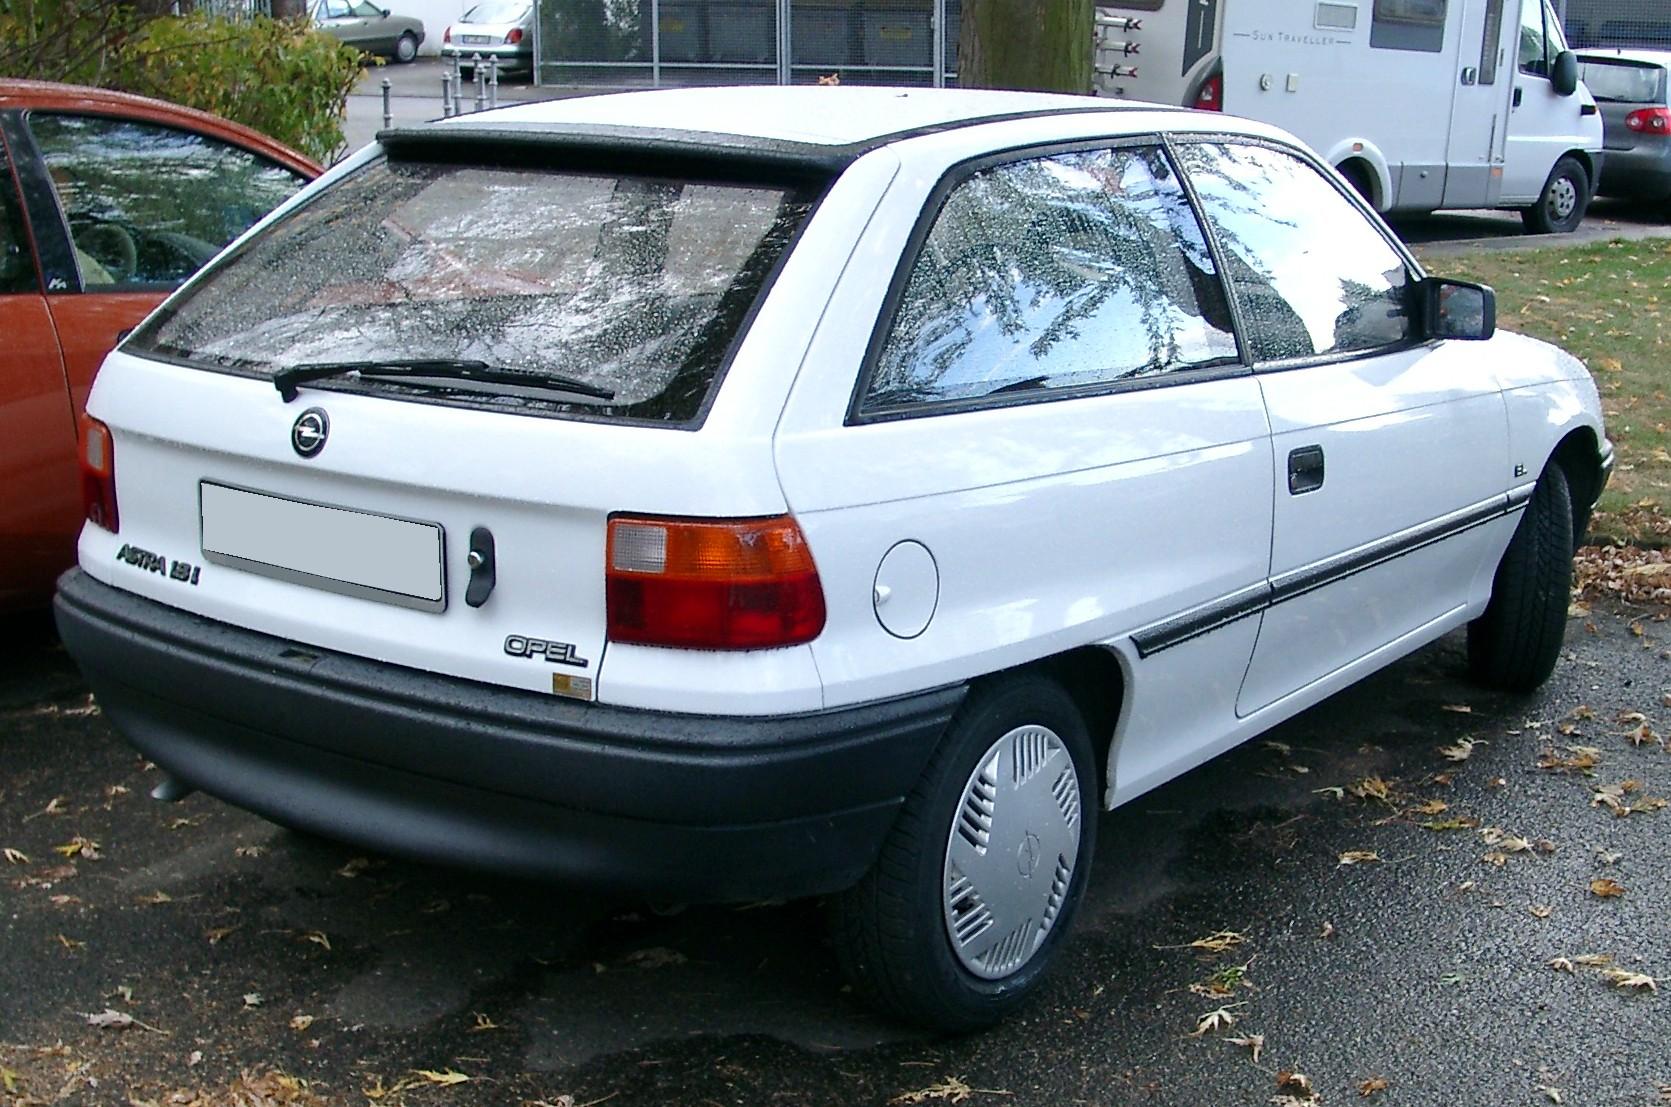 Opel Astra F 1991 - 2000 Cabriolet #2